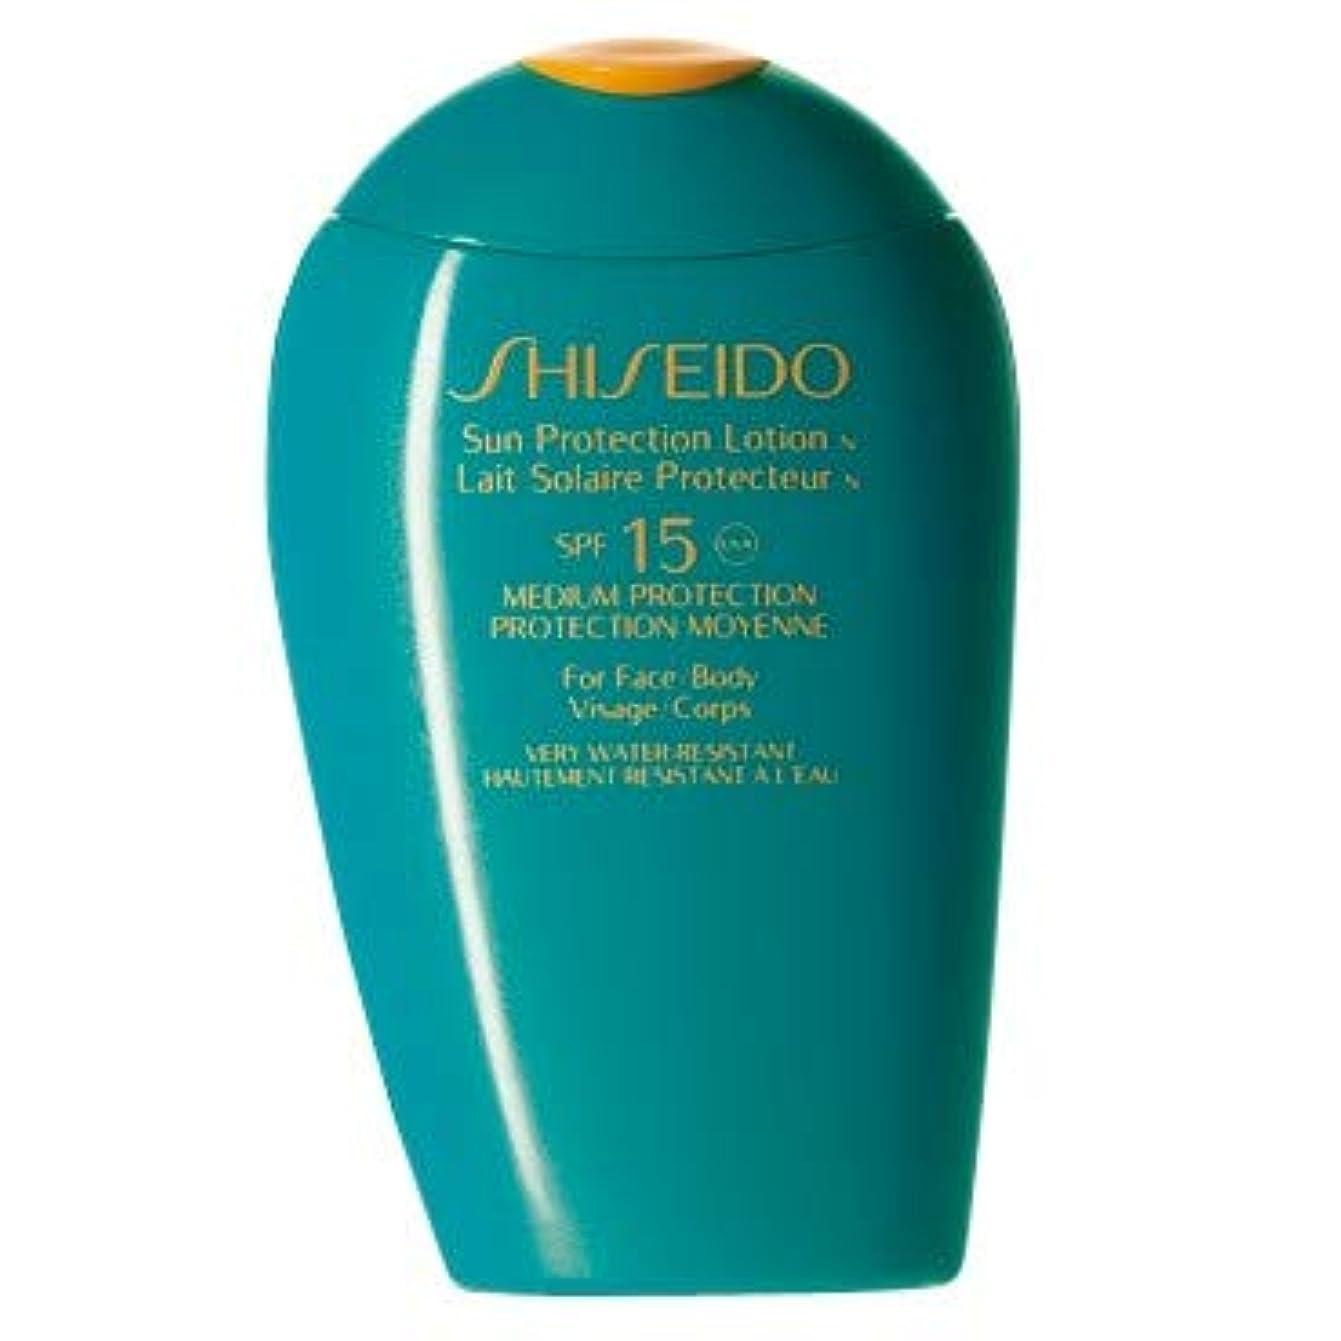 オーガニック気怠い蒸留[Shiseido] 資生堂日焼け止めローションSpf15 N個の150ミリリットル - Shiseido Sun Protection Lotion N Spf15 150ml [並行輸入品]